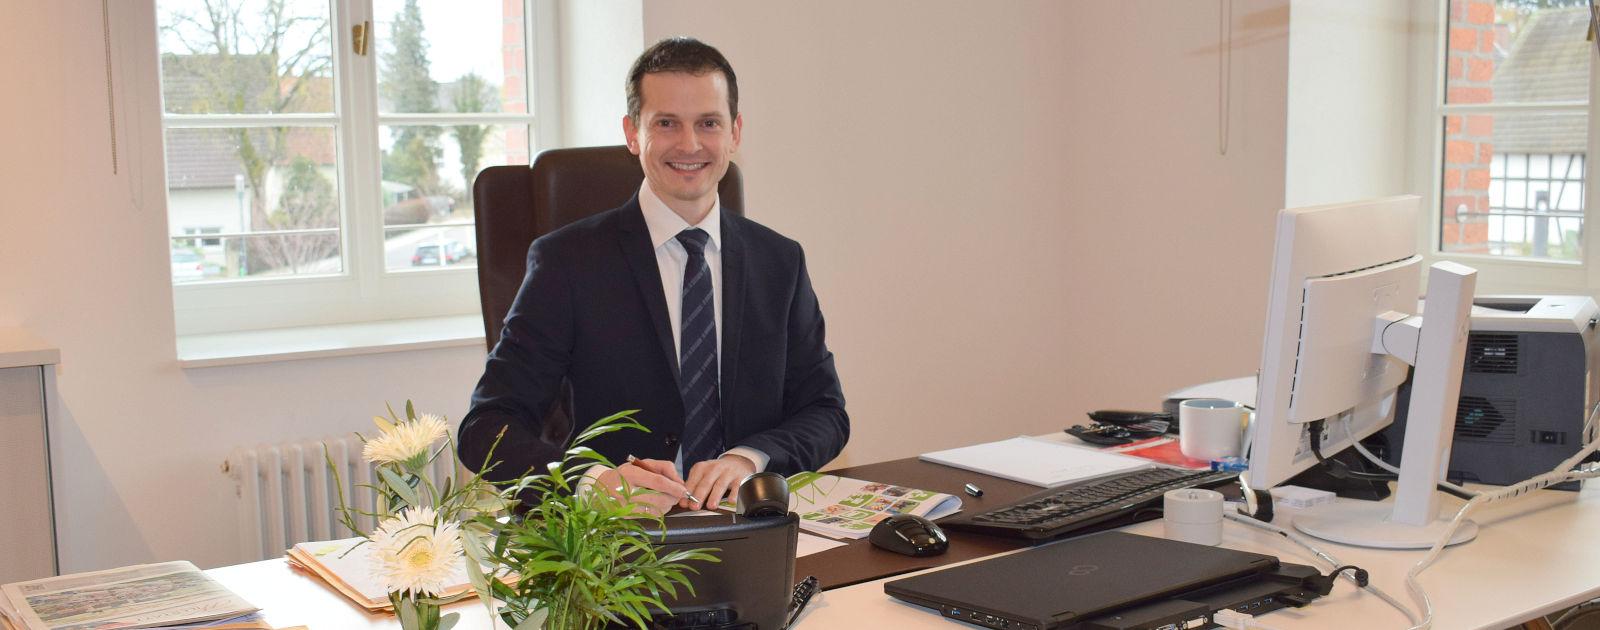 Bürgermeister Christian Huber am Schreibtisch in seinem Büro.